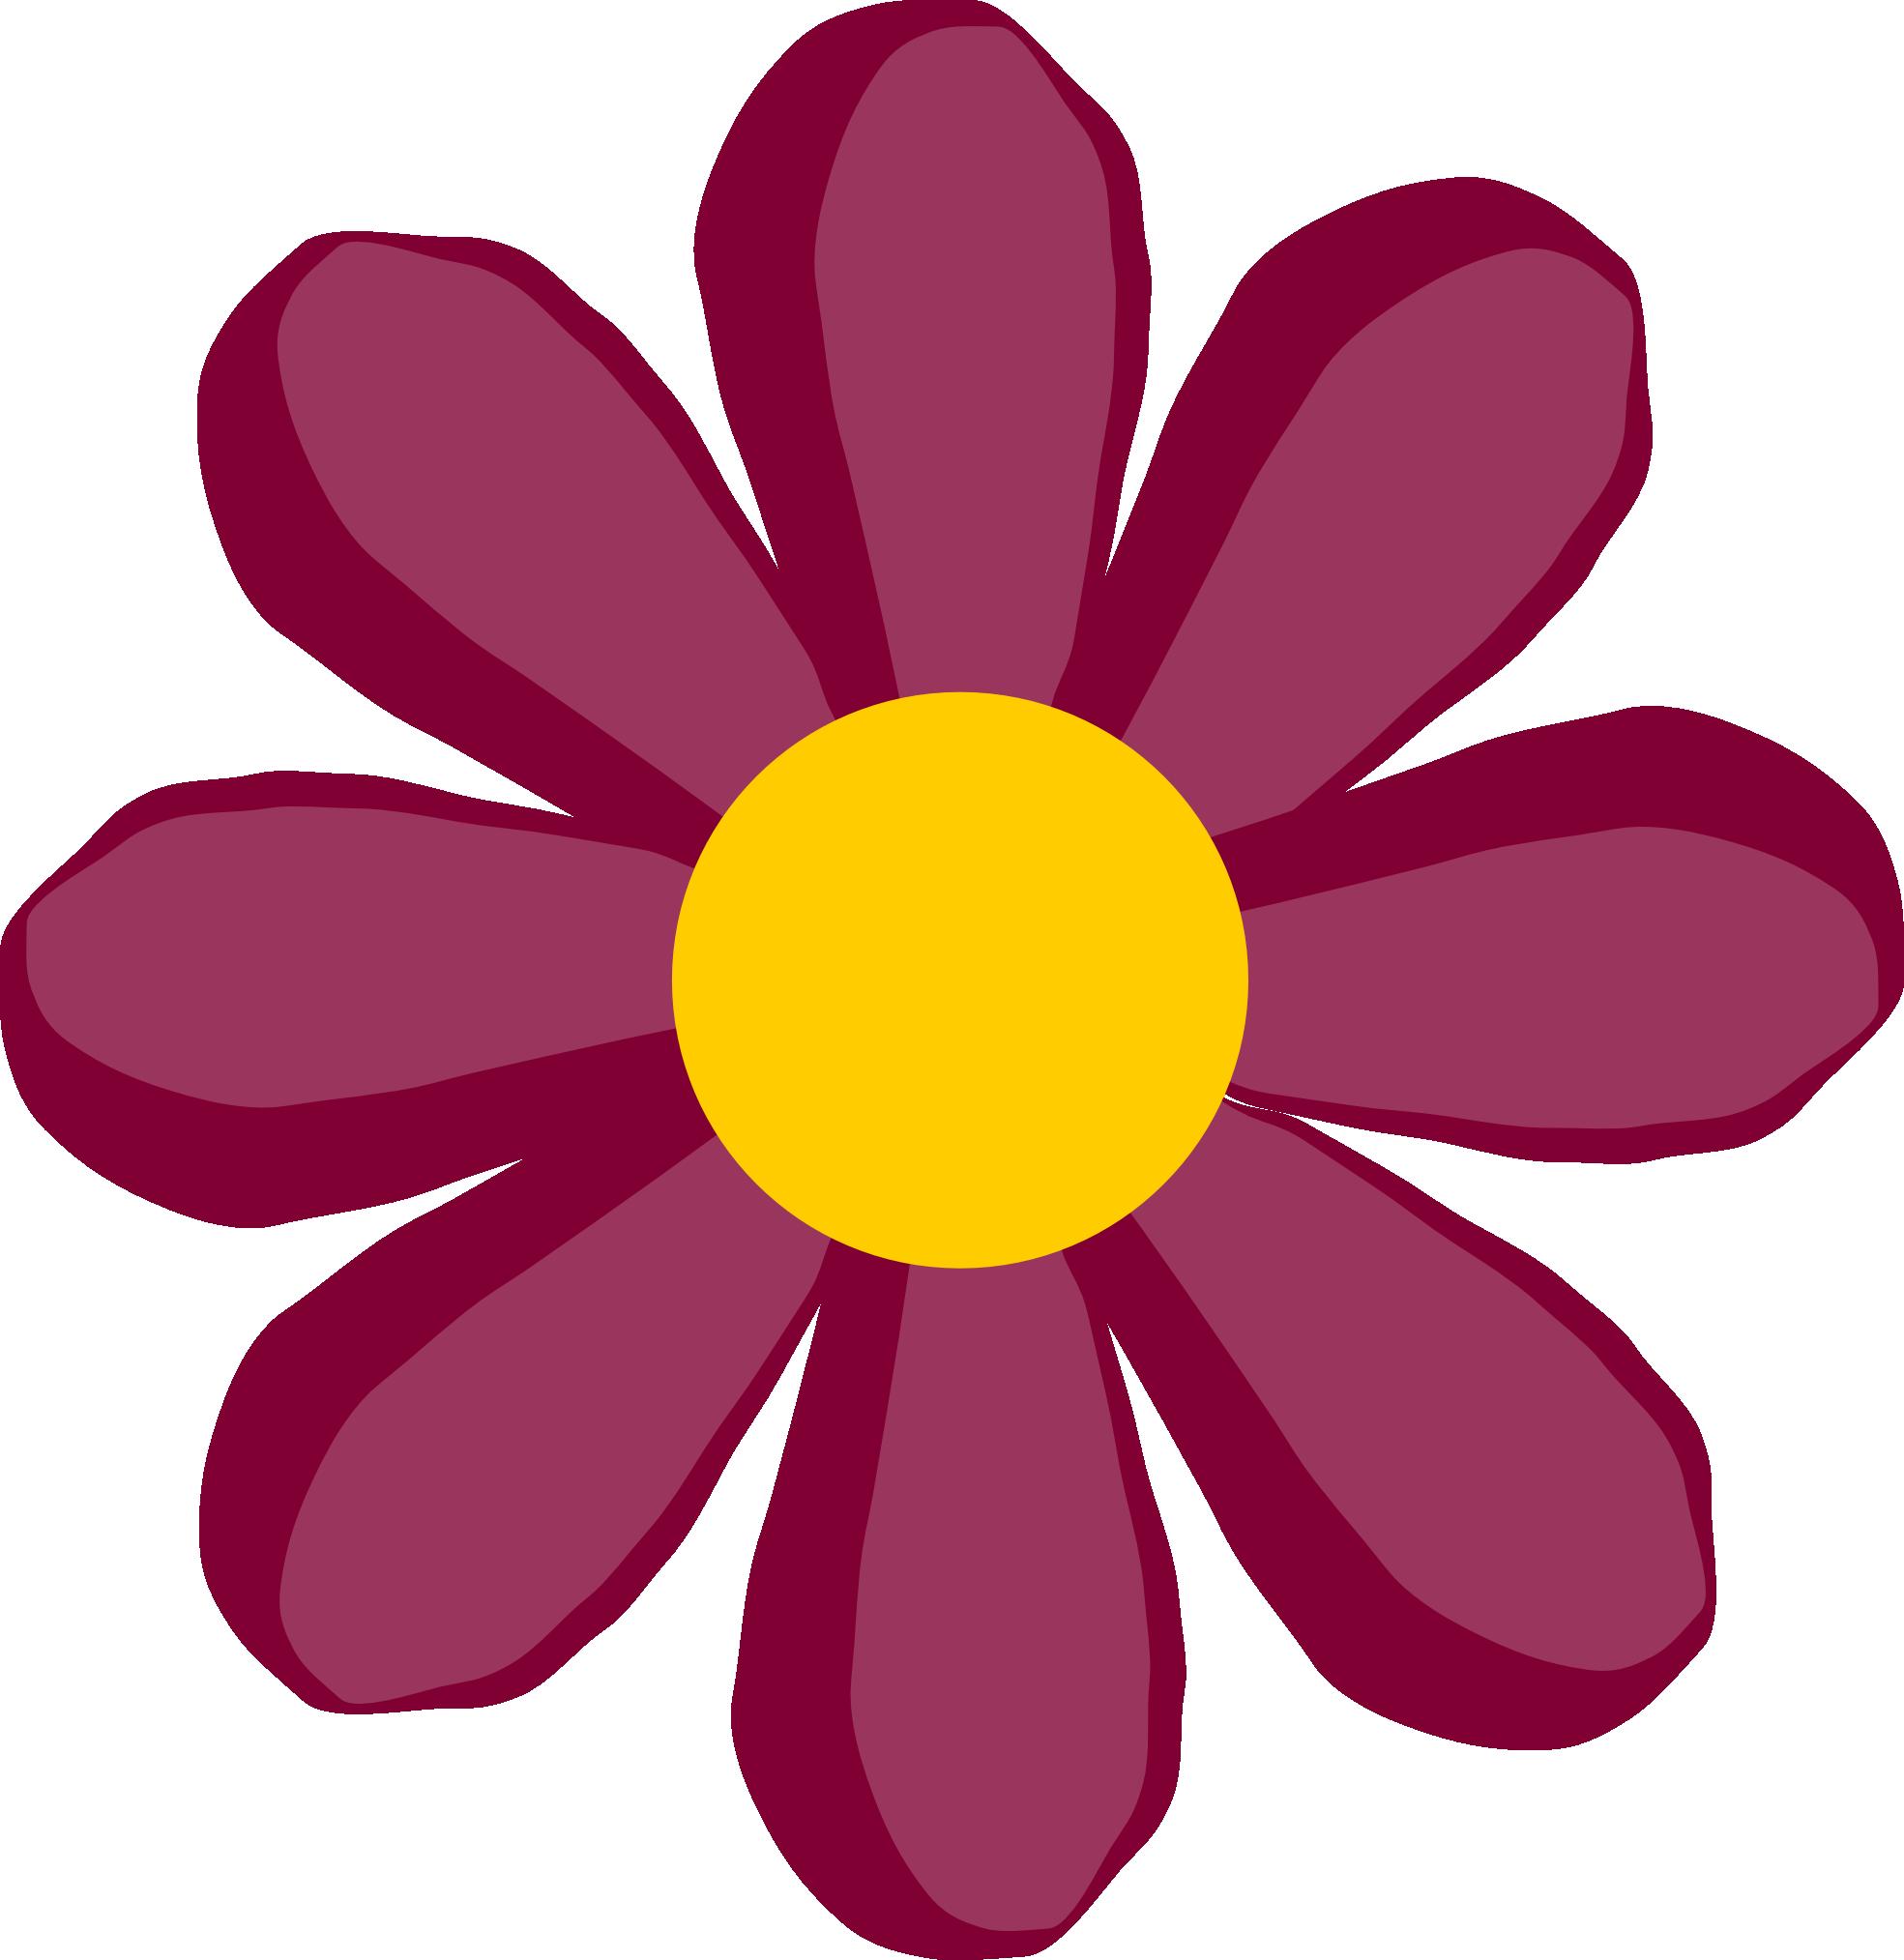 Purple Flower Bouquet Clipart | Clipart Panda - Free ...